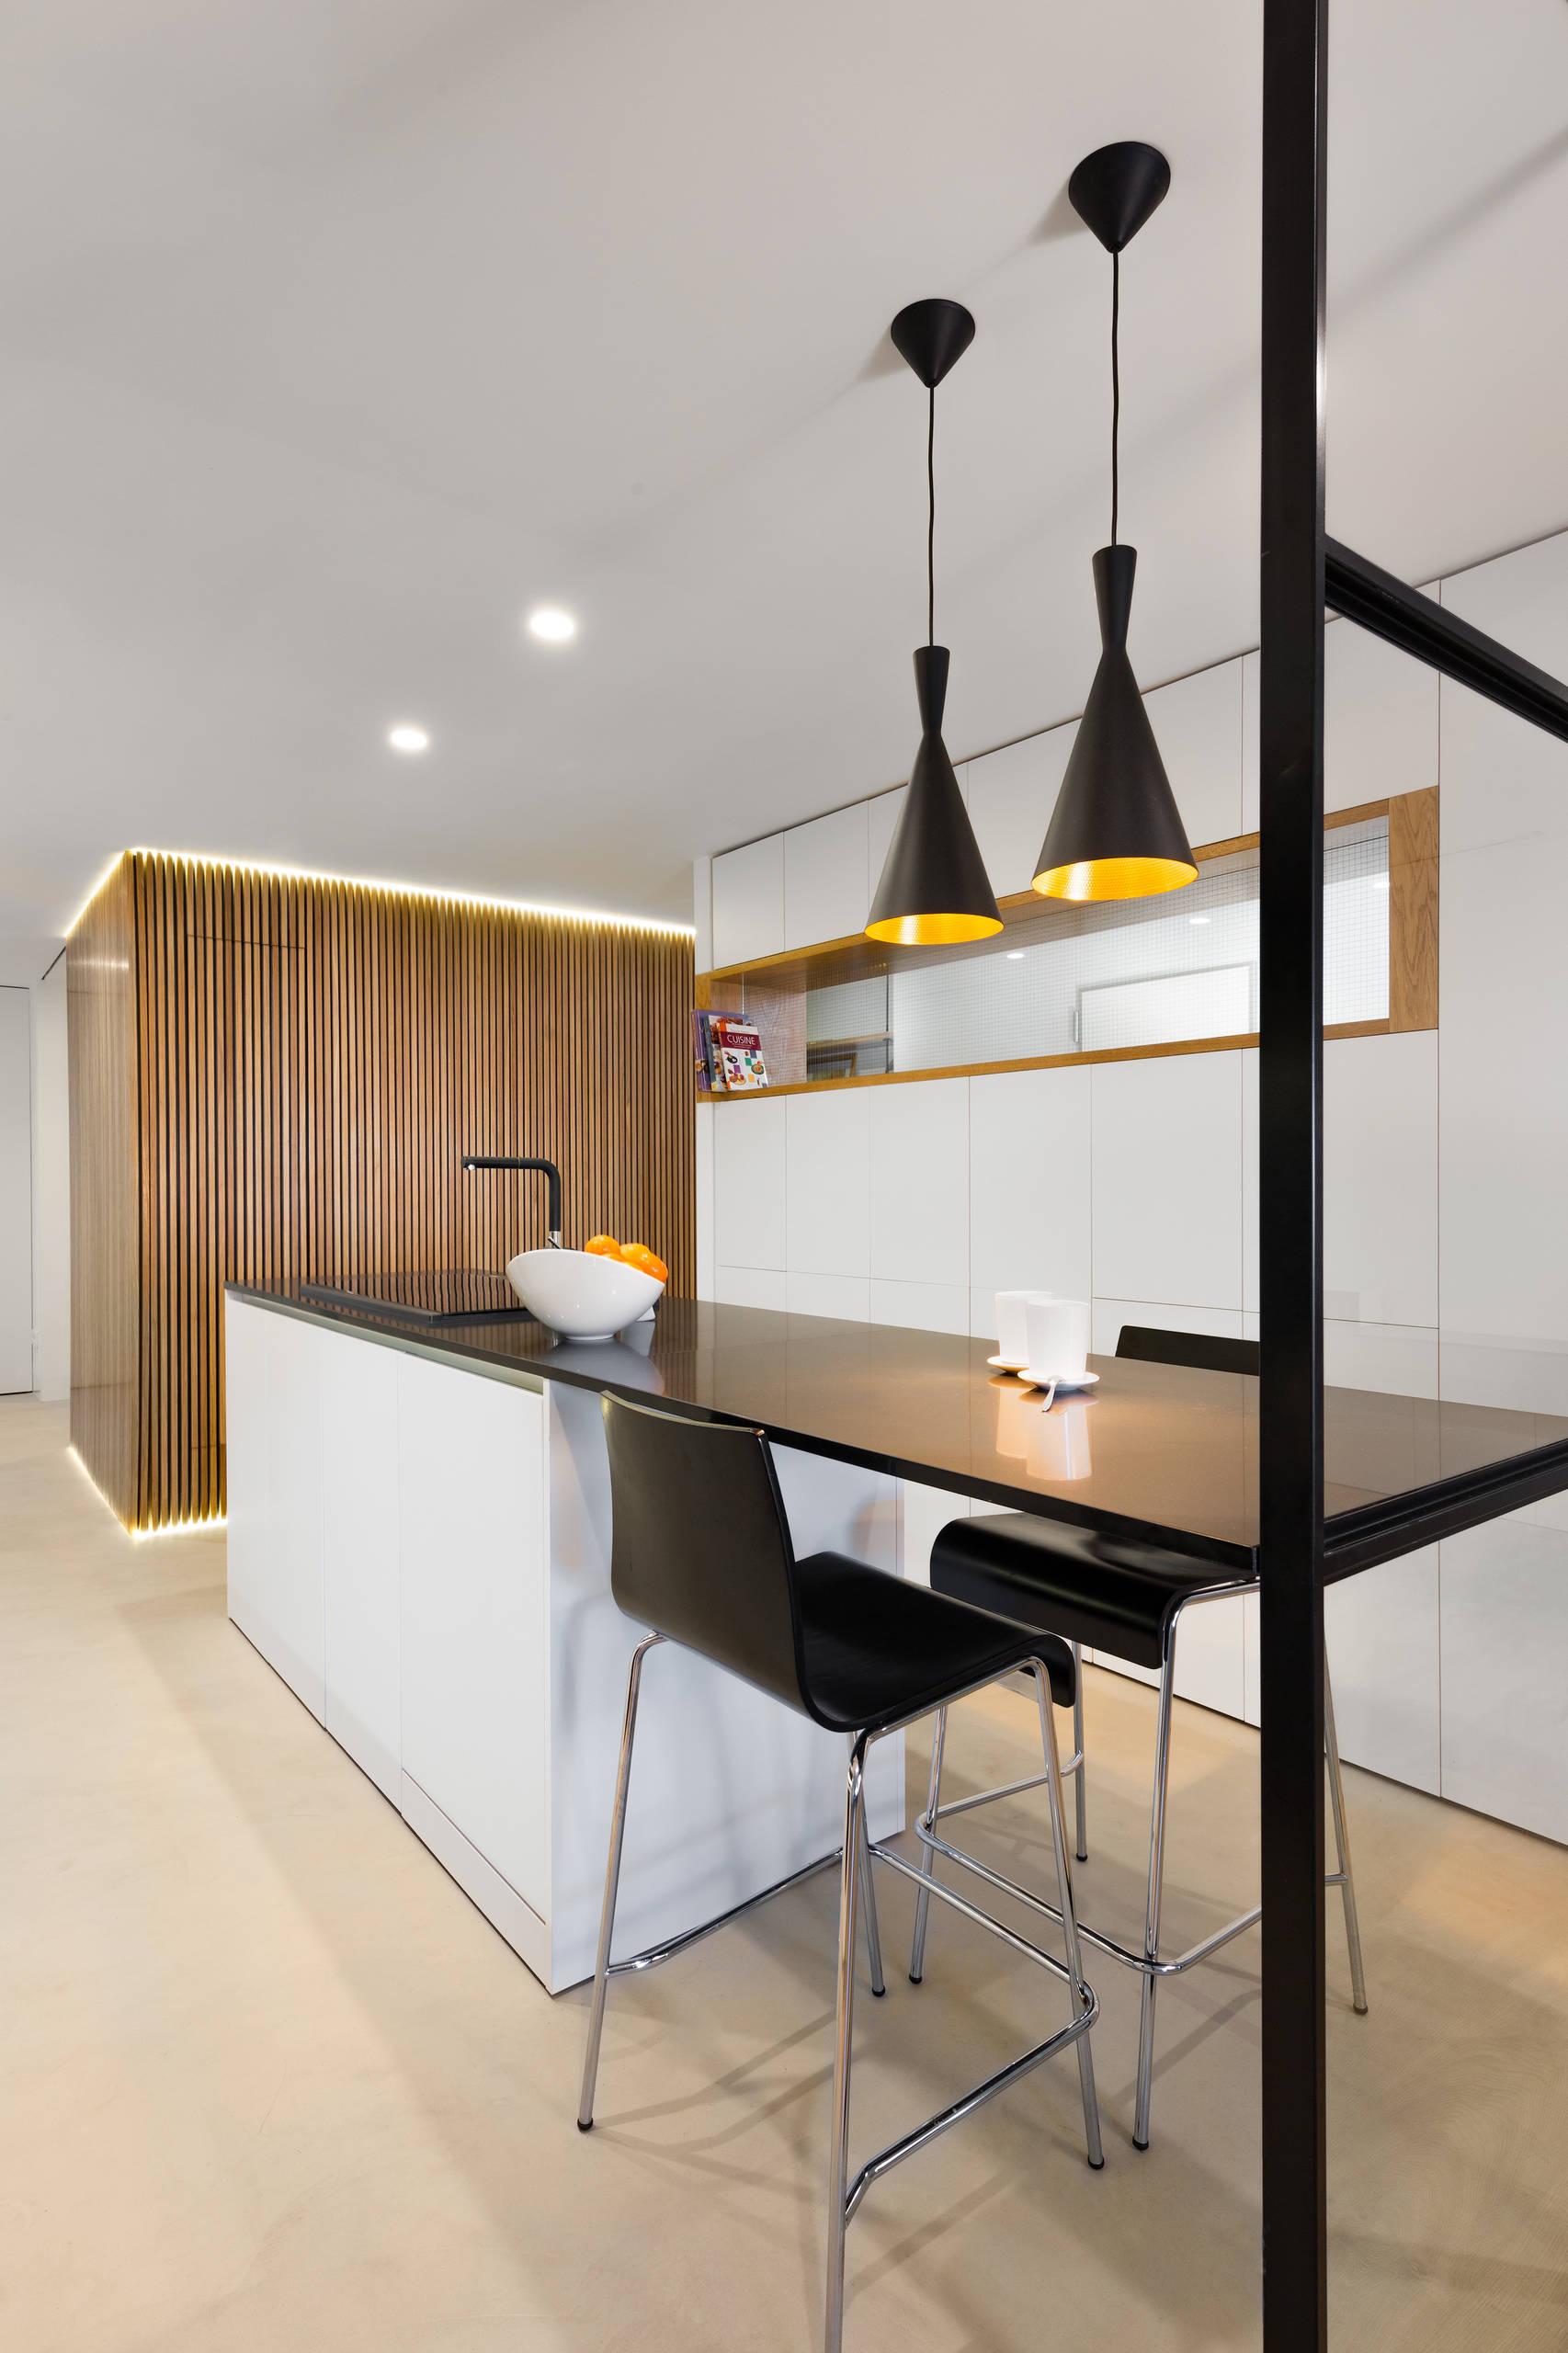 Vista del interior de la cocina, hacia el volumen del aseo